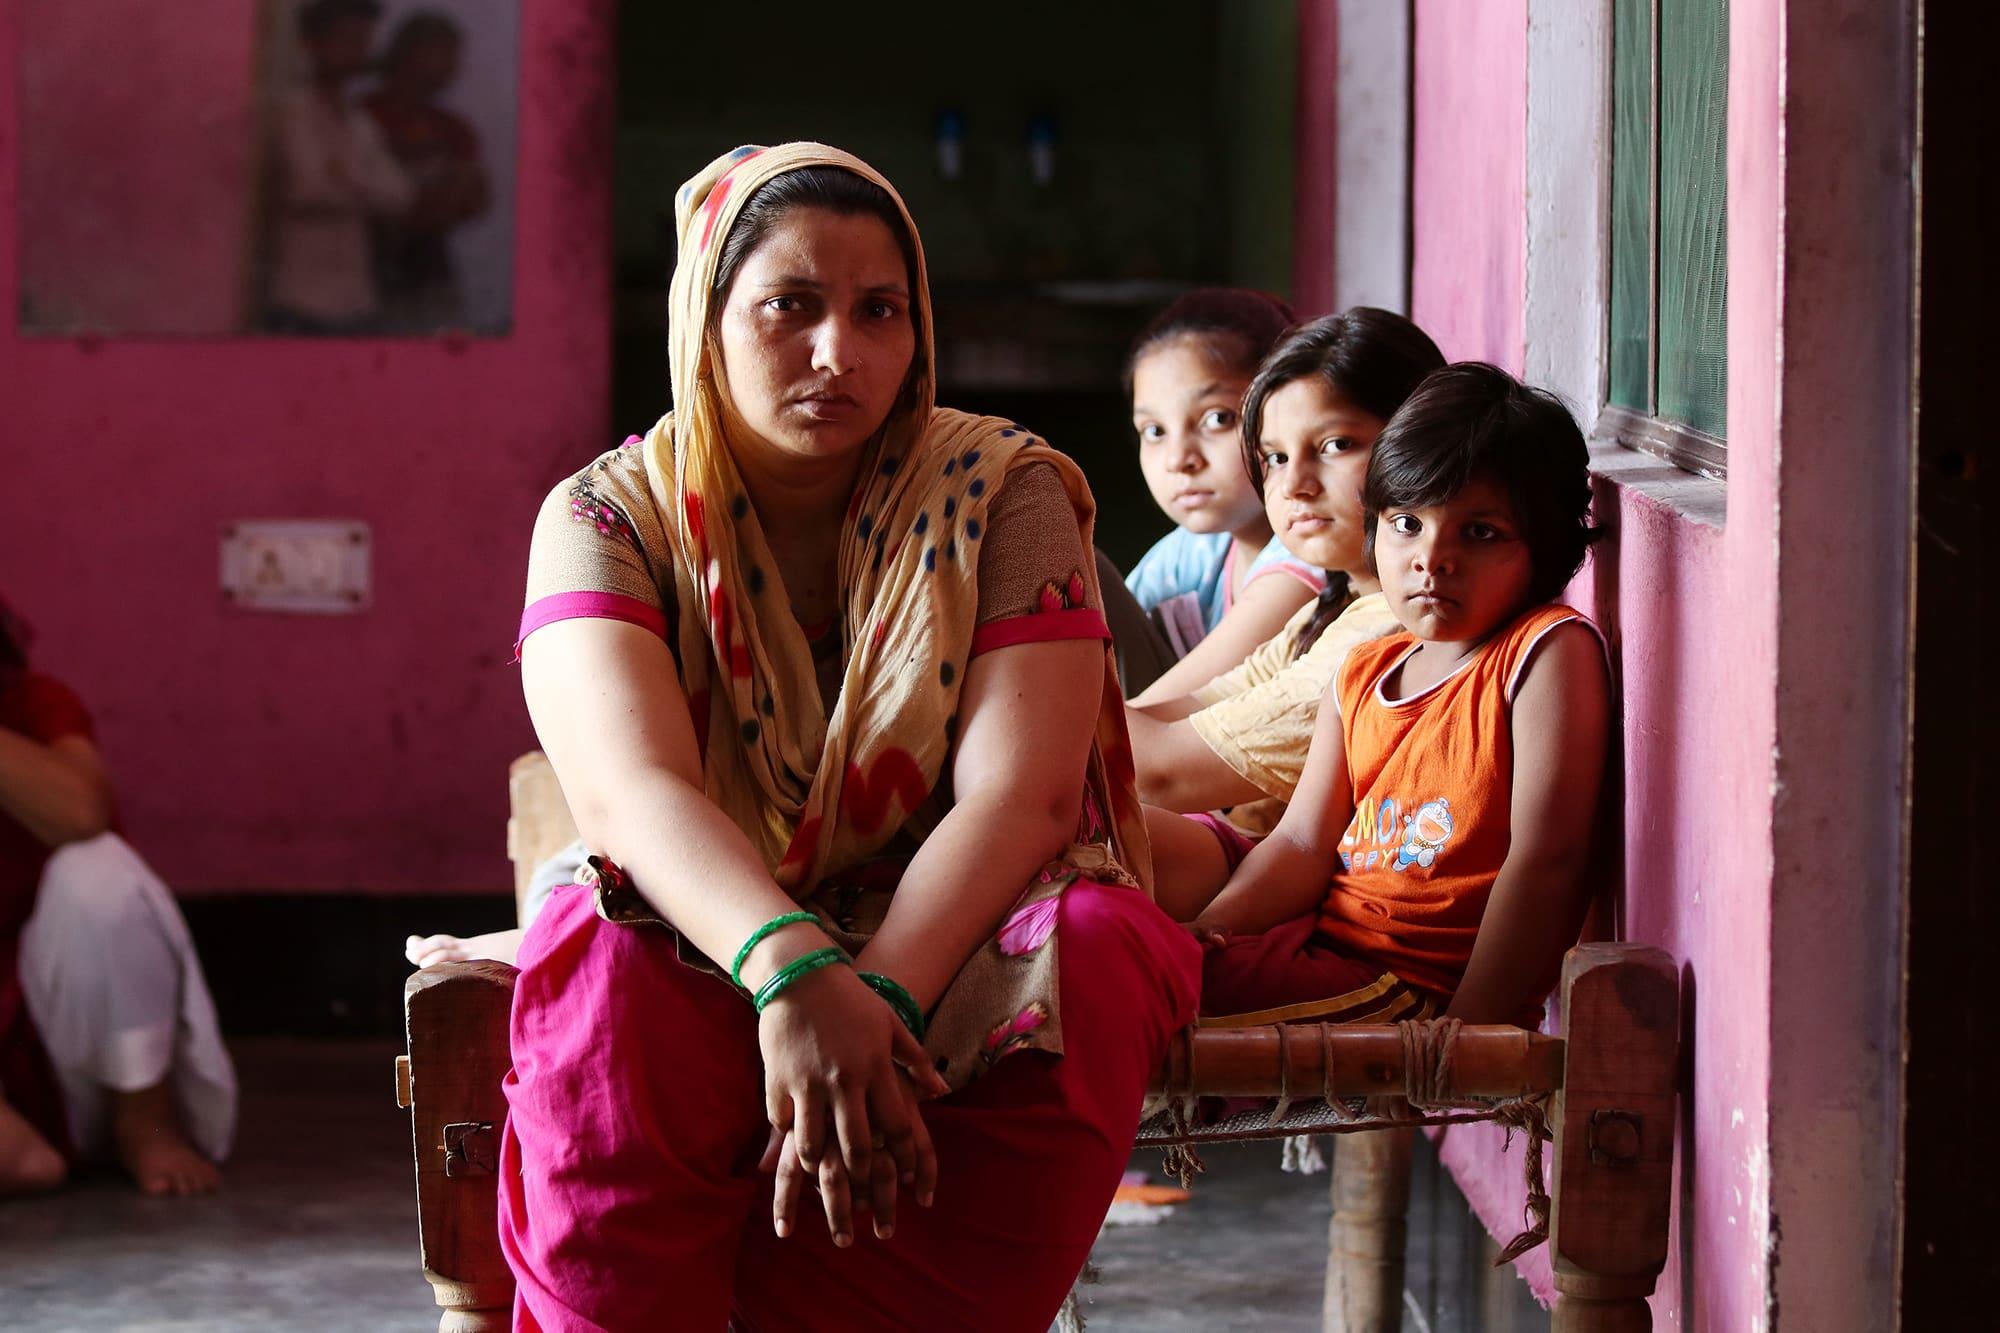 Kavita Gautam istuu roosan värisessä huoneessa kolmen lapsensa kanssa.